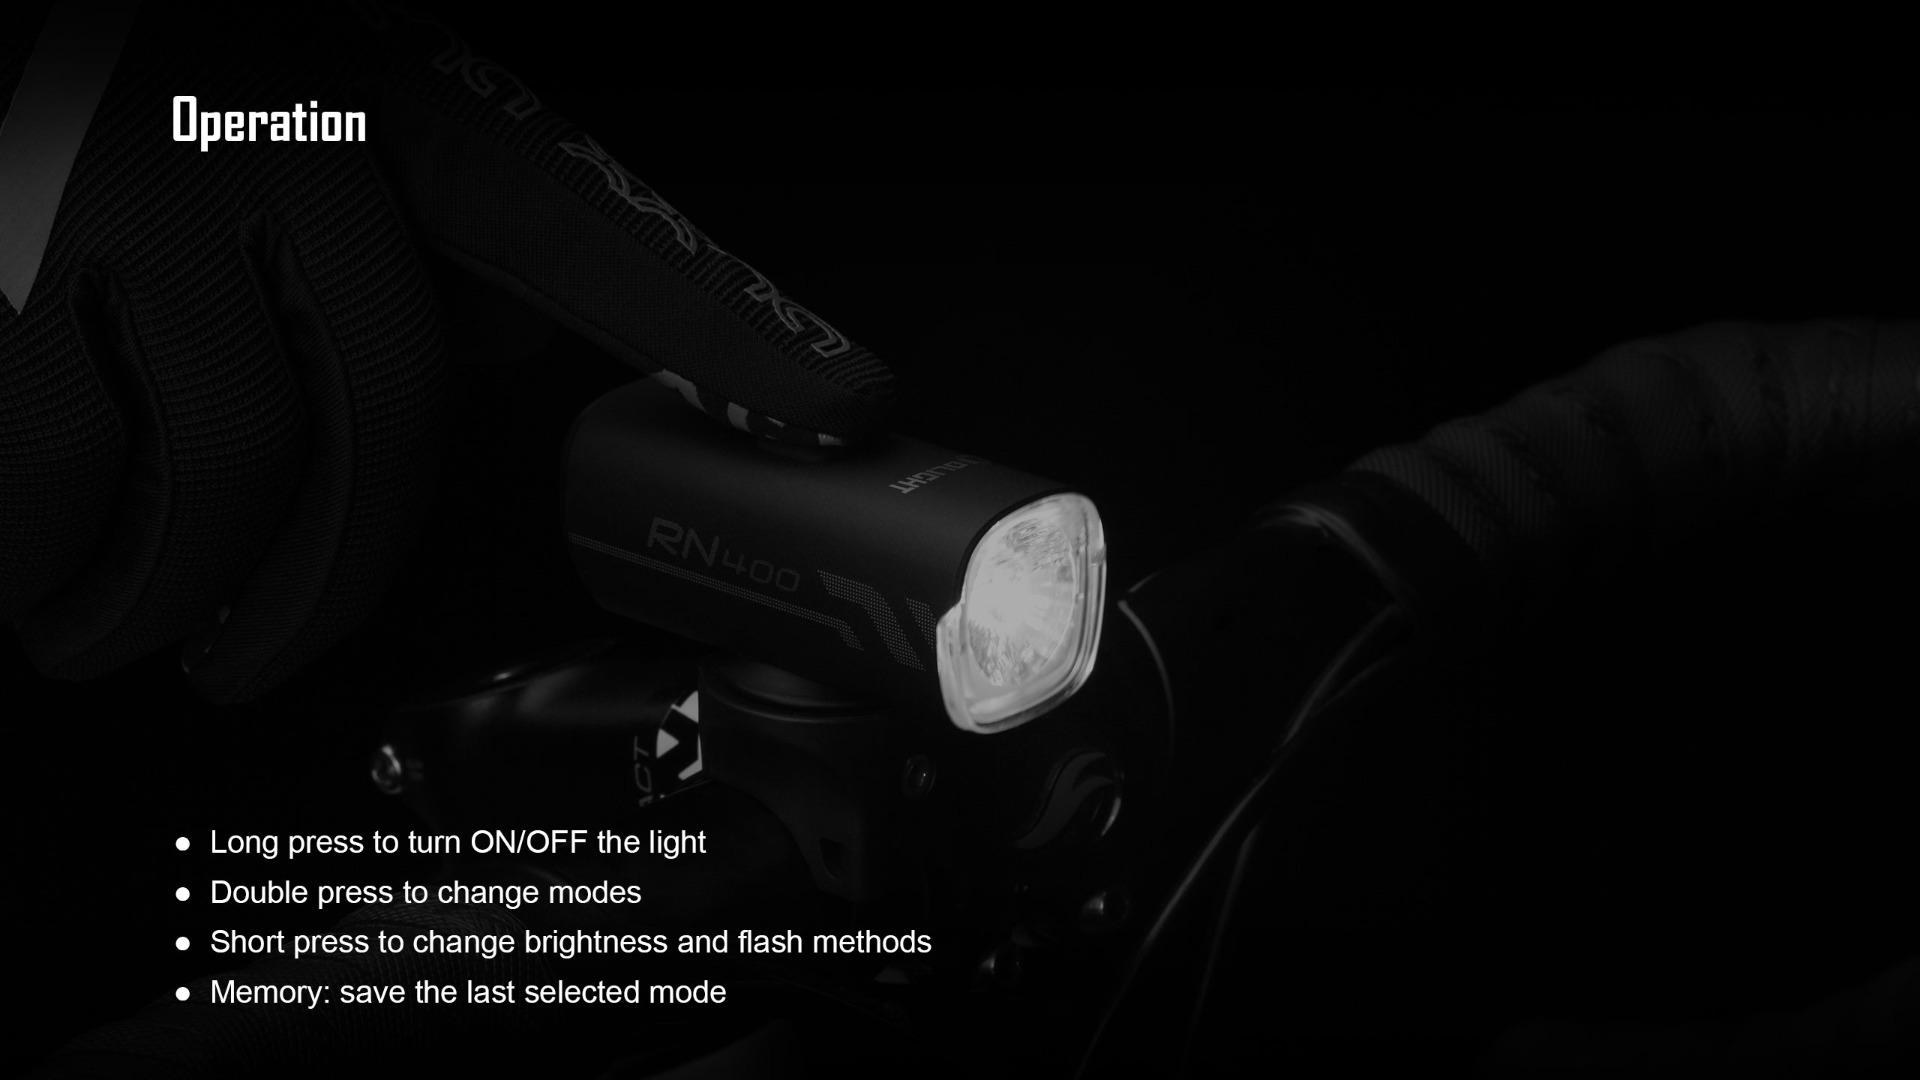 Olight RN 400 Bike LED Light Headlight Easy Operation